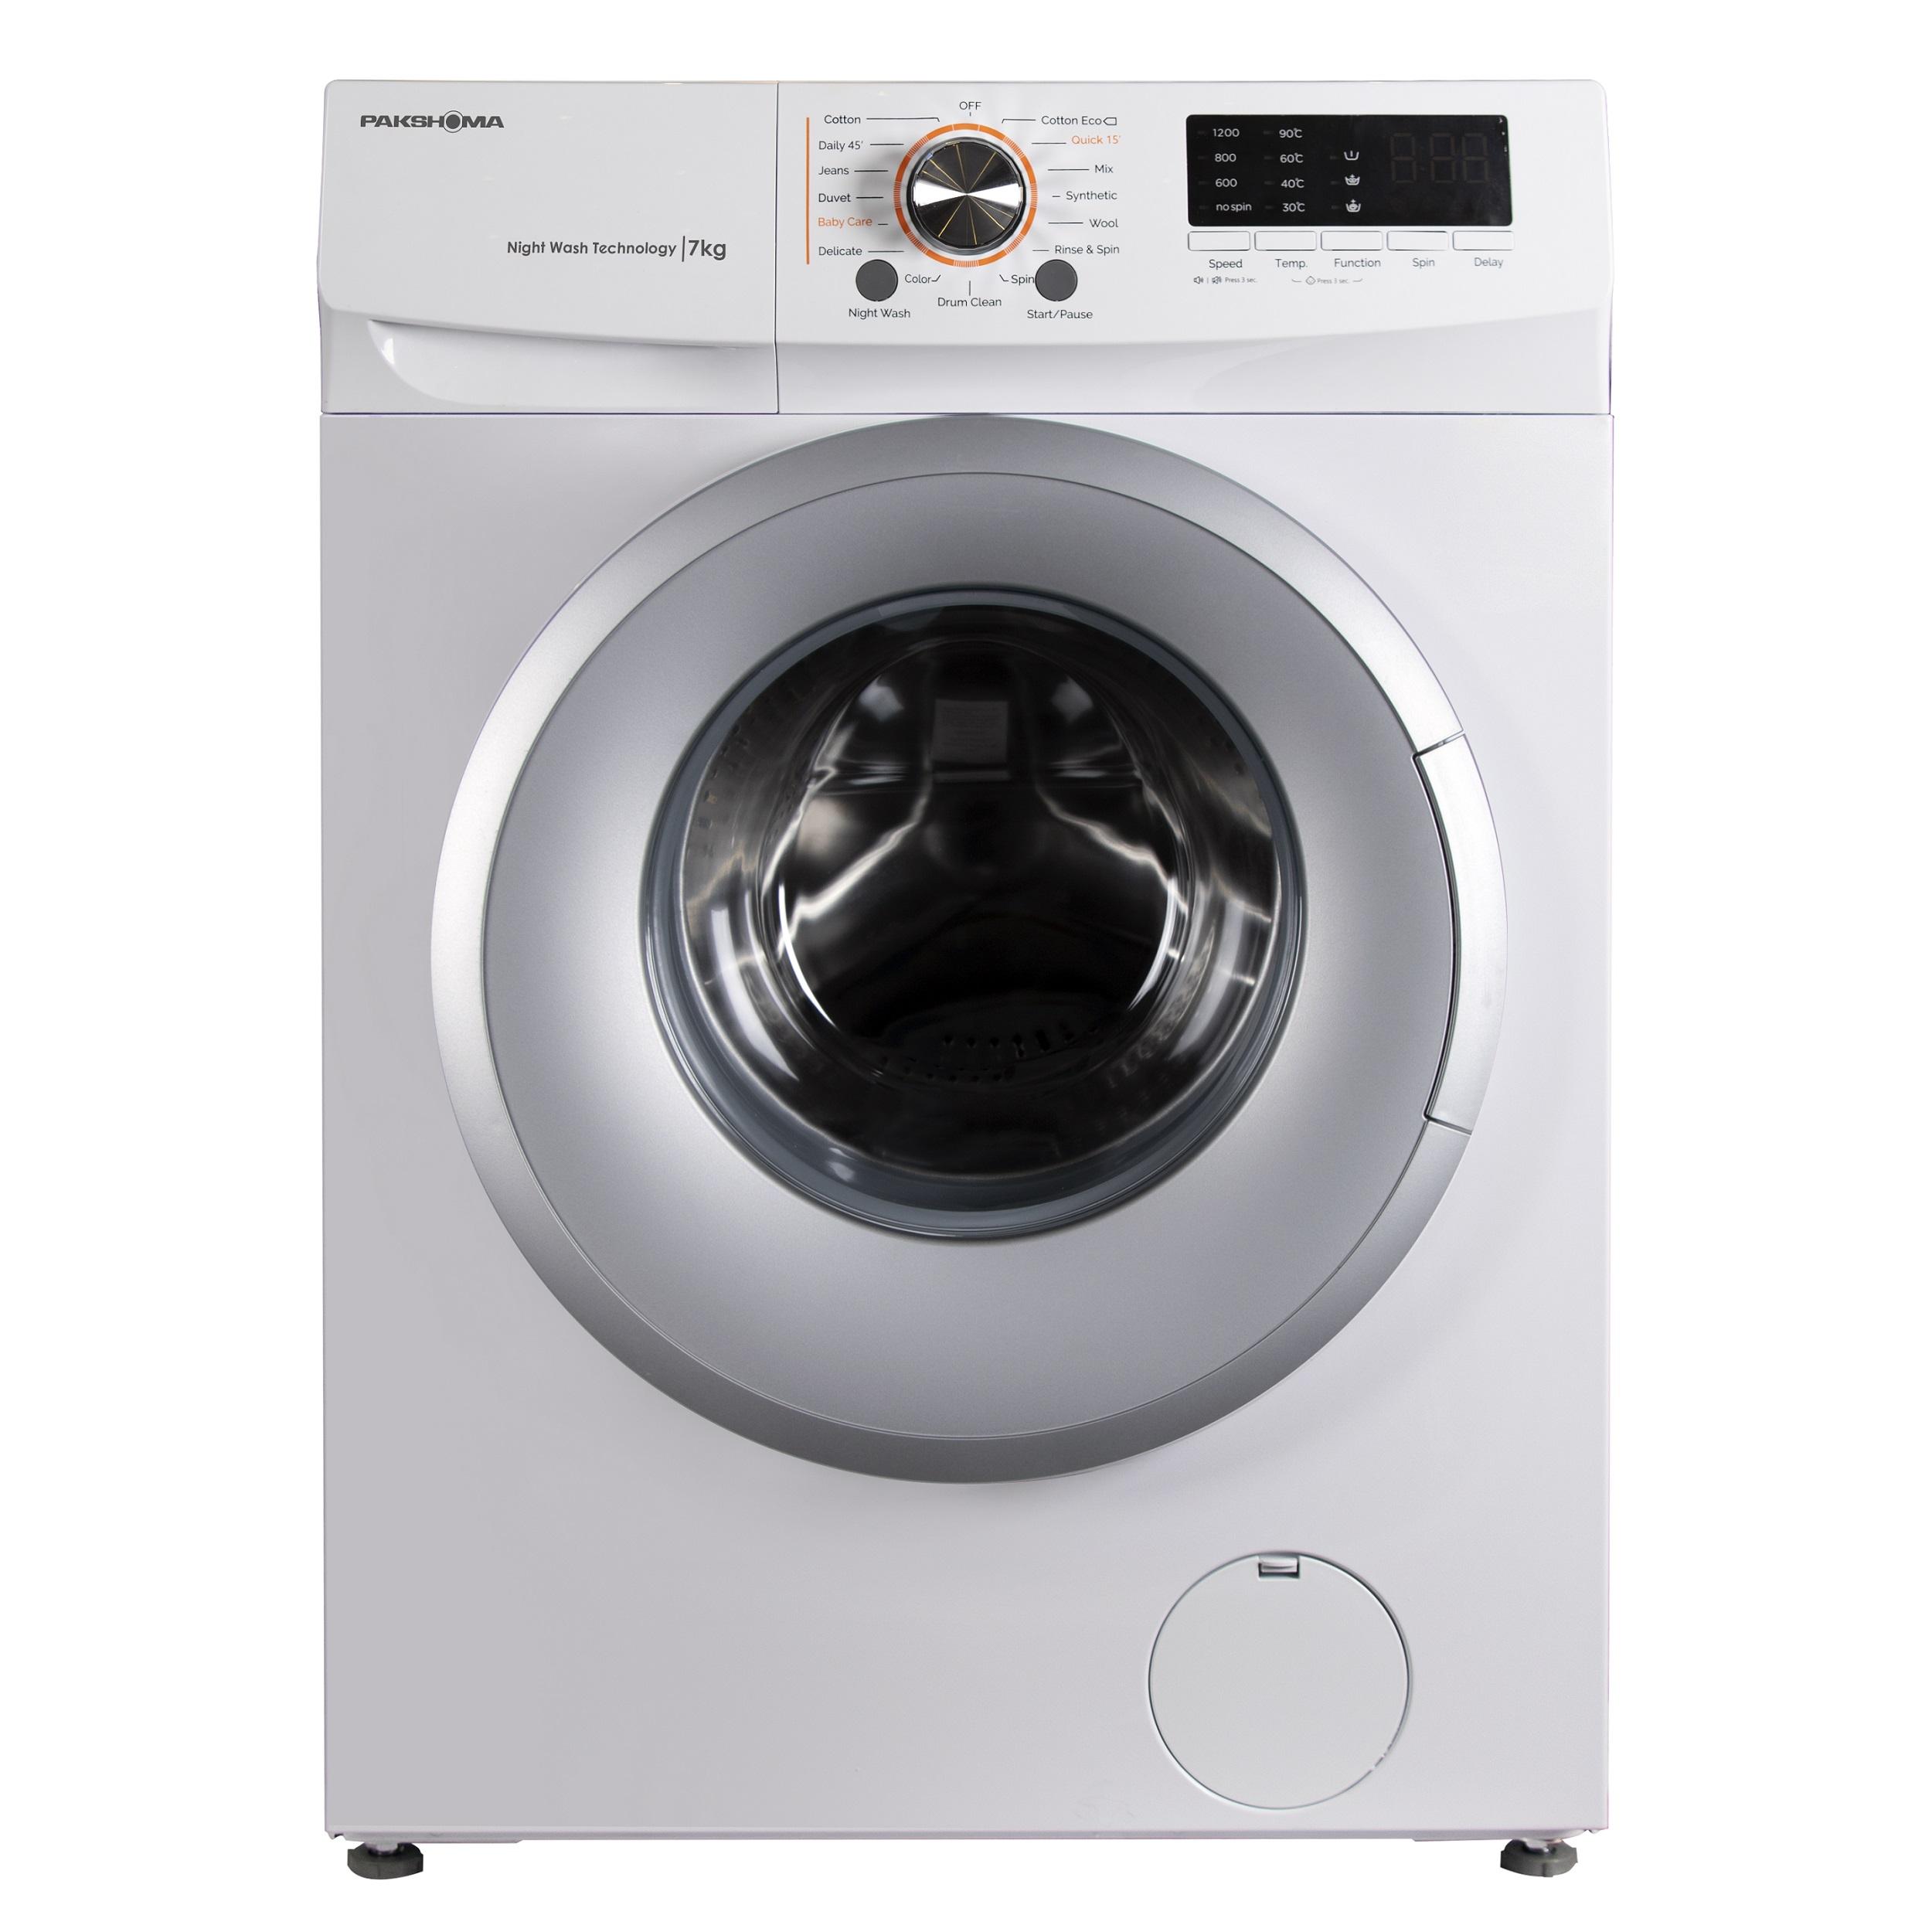 فروش نقدی و اقساطی ماشین لباسشویی پاکشوما مدل TFU-73200WS ظرفیت 7 کیلوگرم